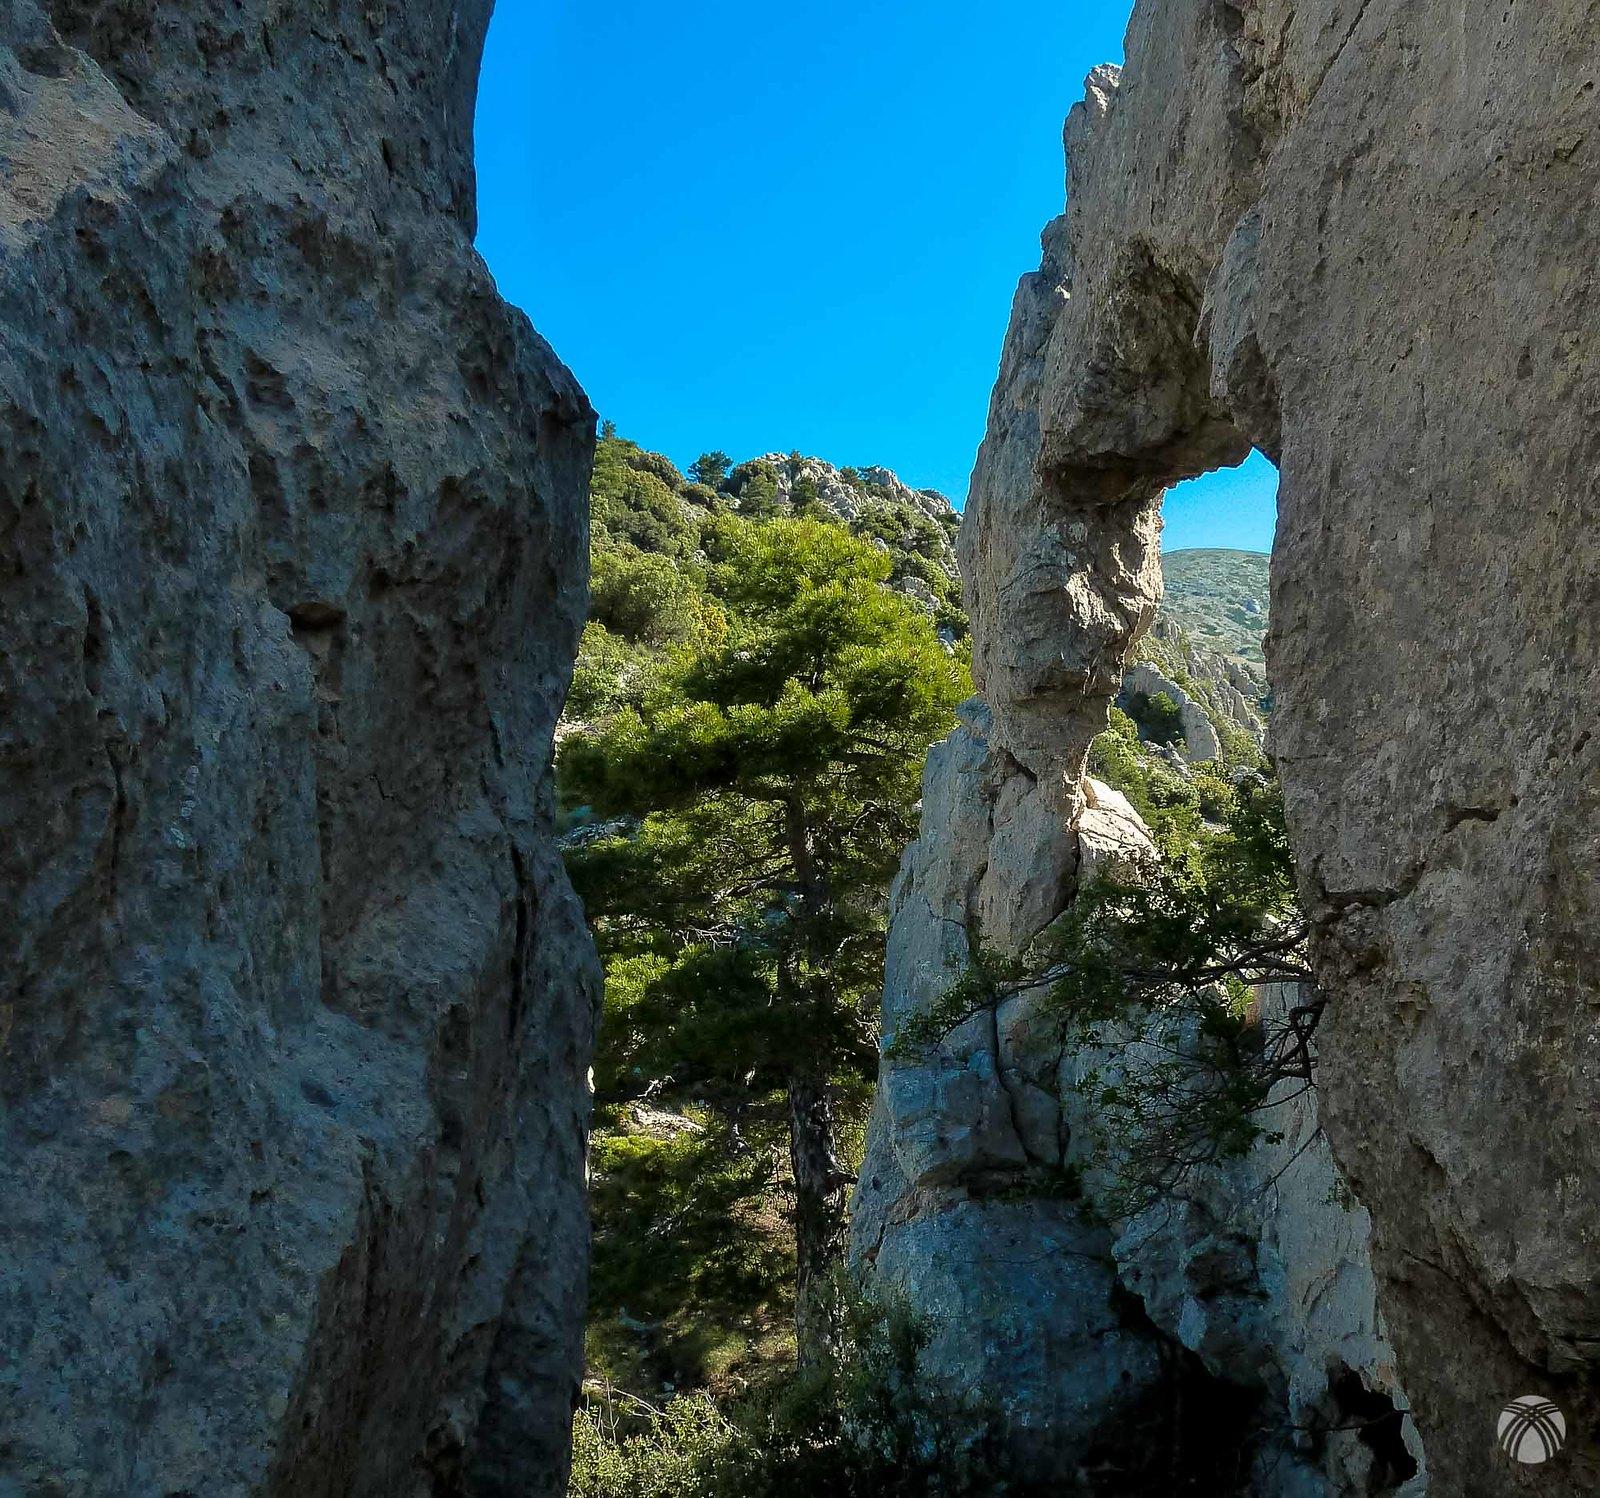 El arco de roca visto por Félix